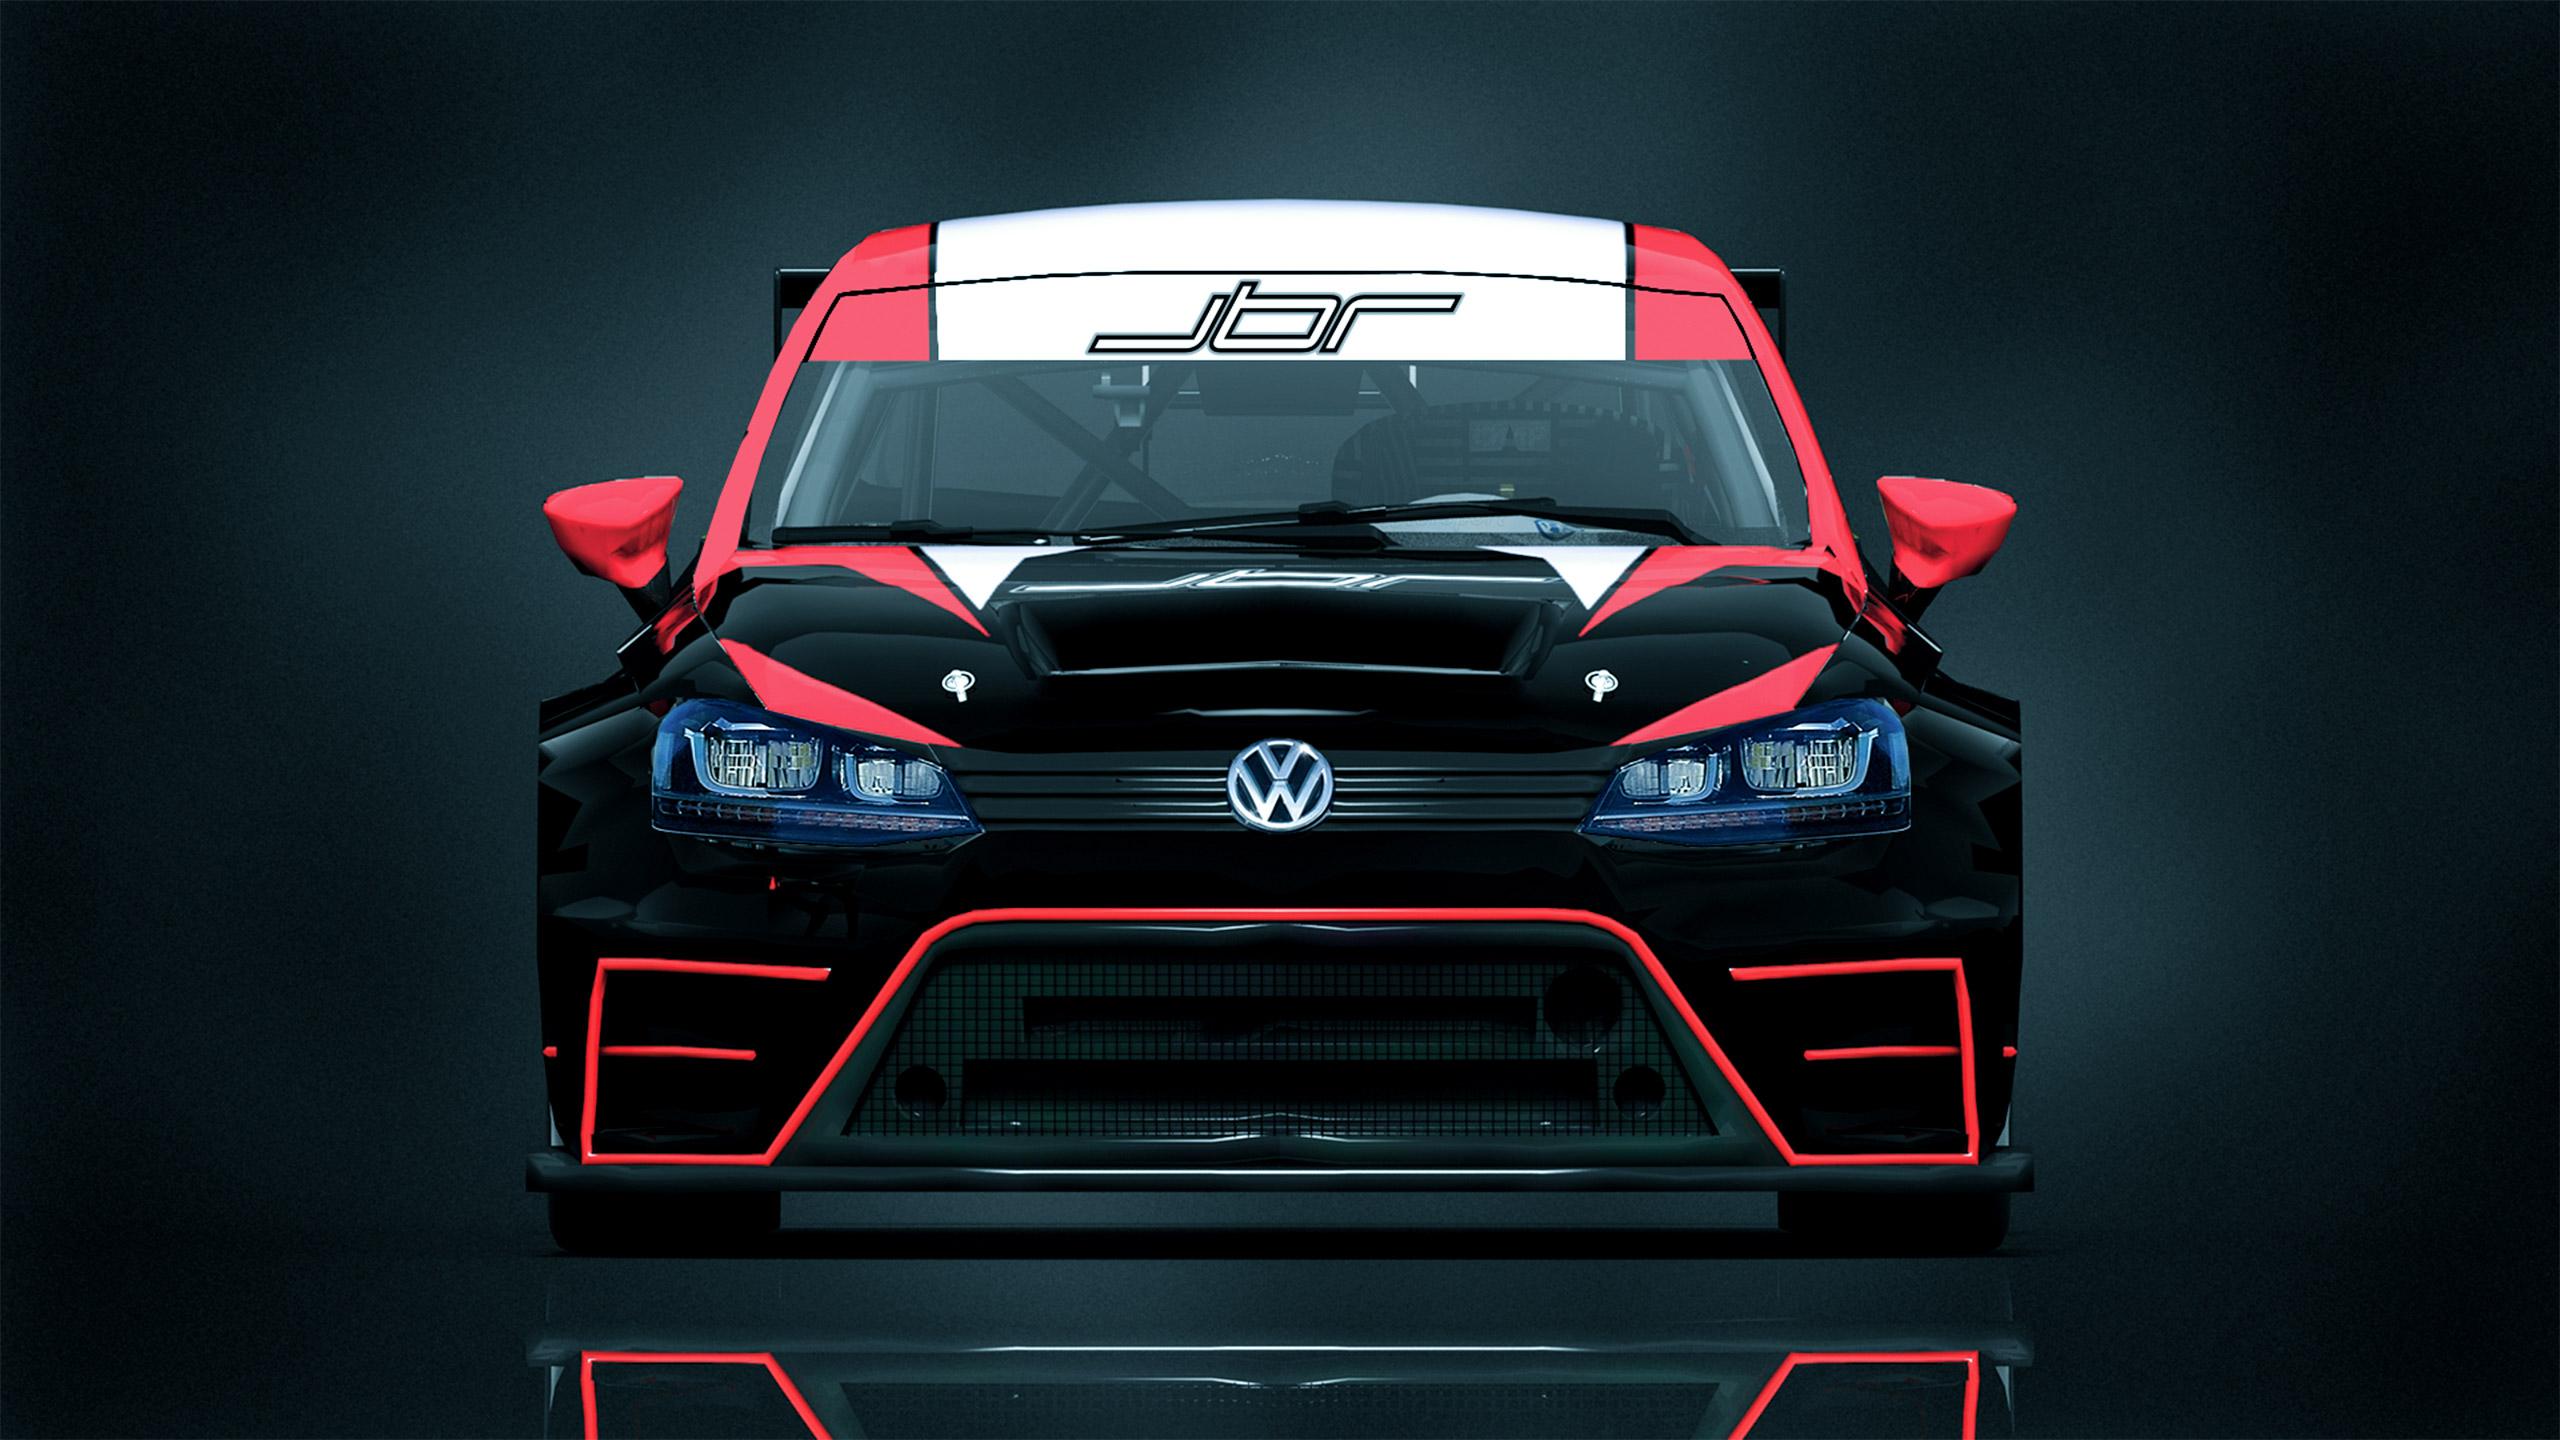 Jbr Motorsport Setzt Neuen Vw Golf Gti Tcr Ein